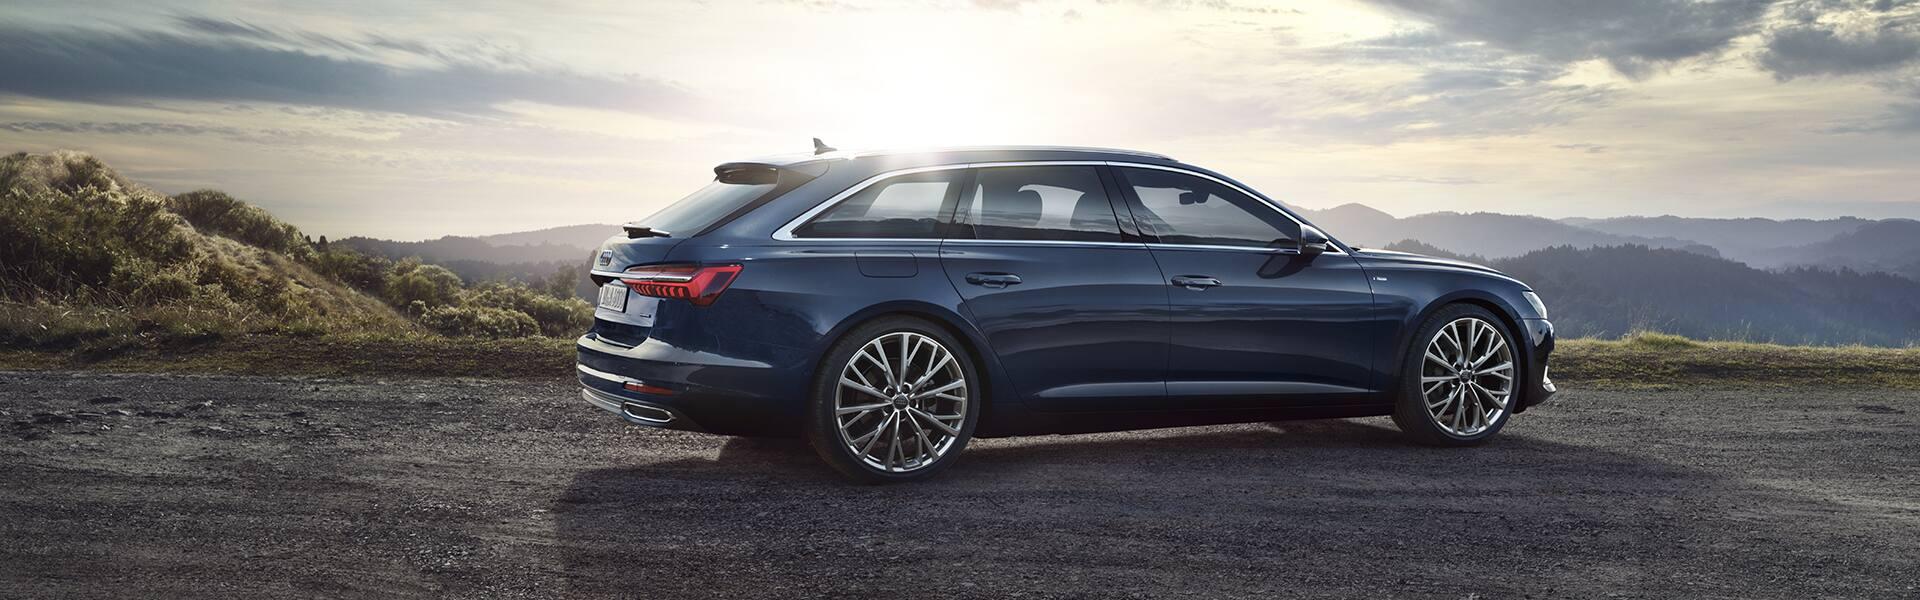 The New A6 Avant A6 Audi Ireland